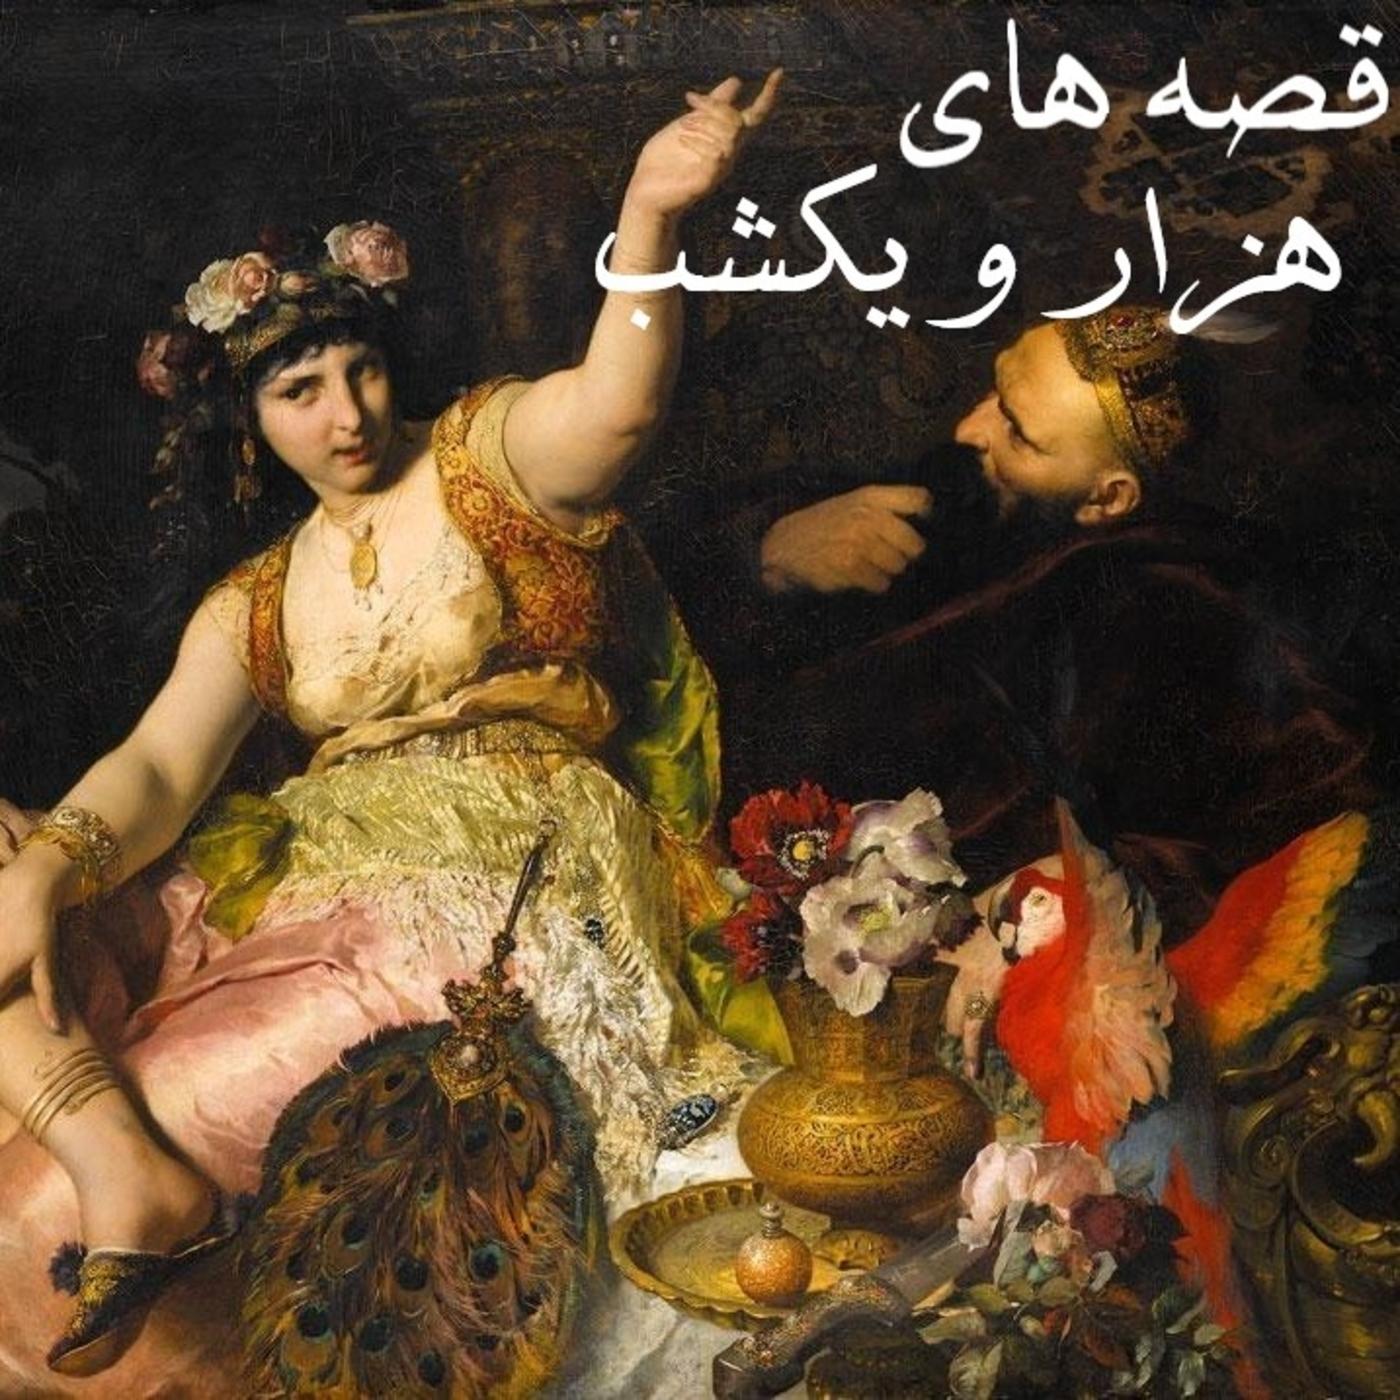 قصه های هزار و یک شب | hezaroiekshab | Hezaro Yek Shab